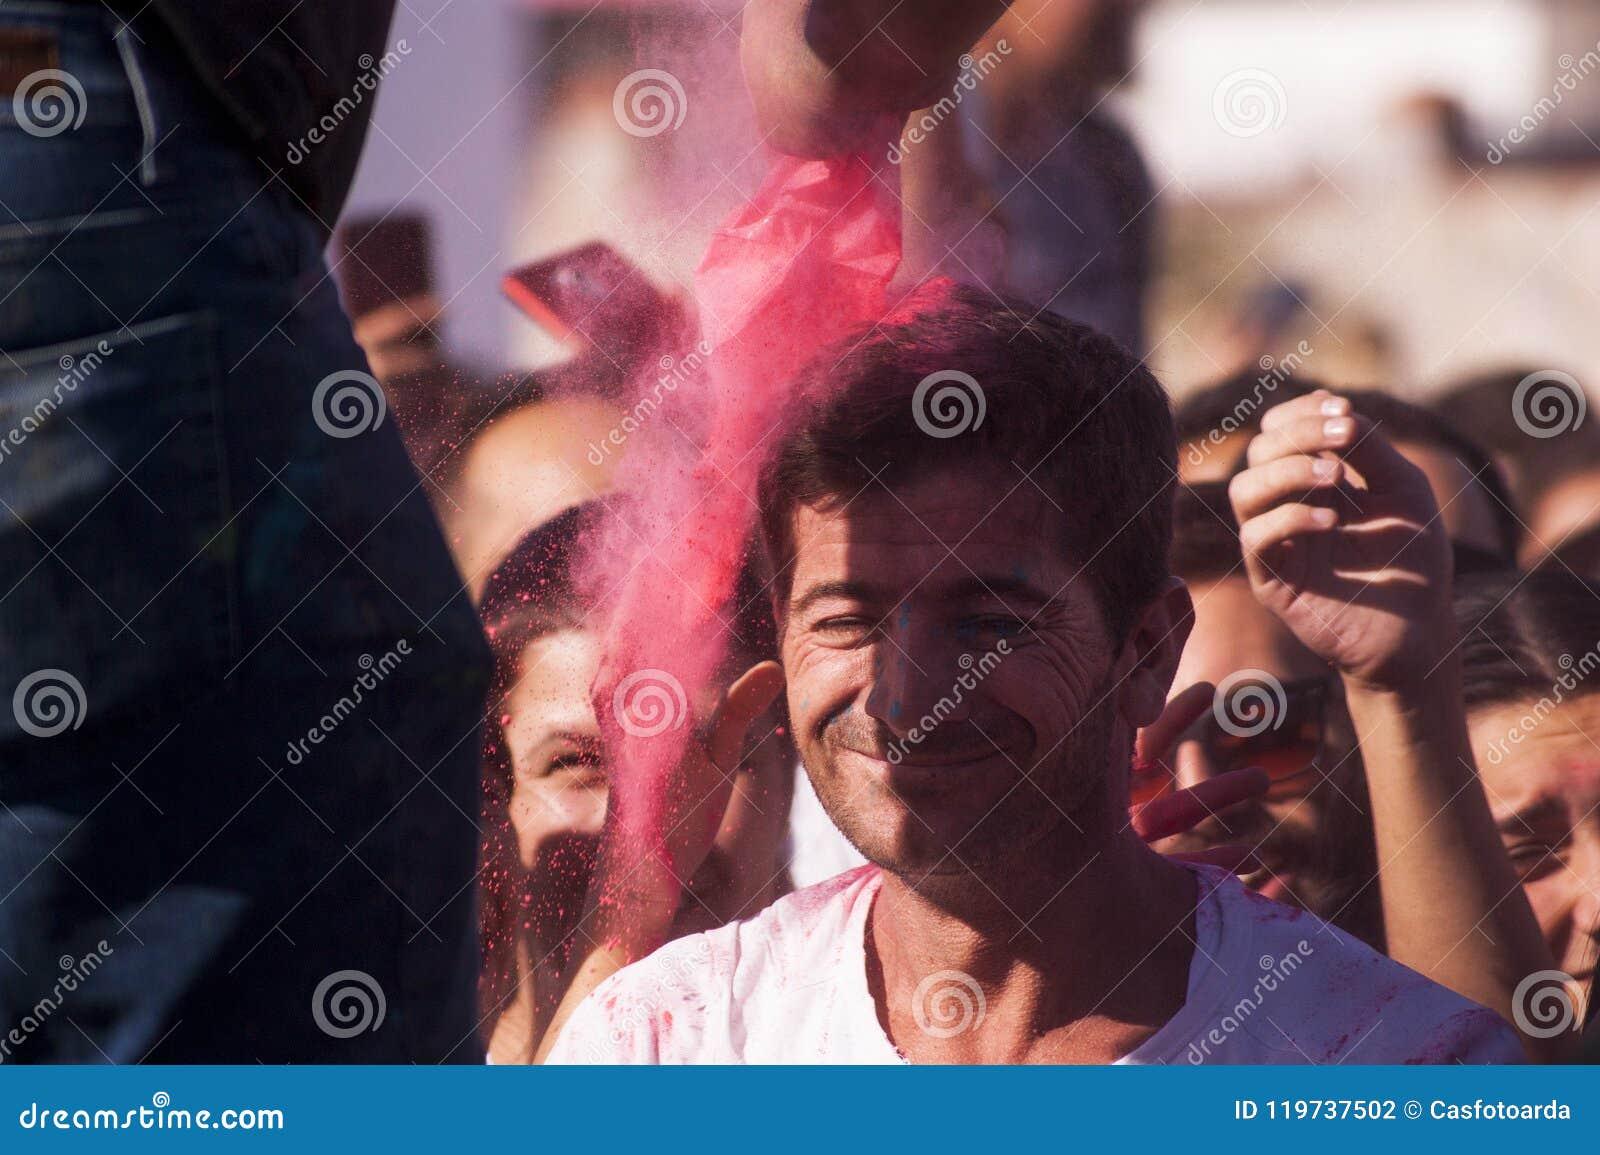 Strömendes farbiges Pulver